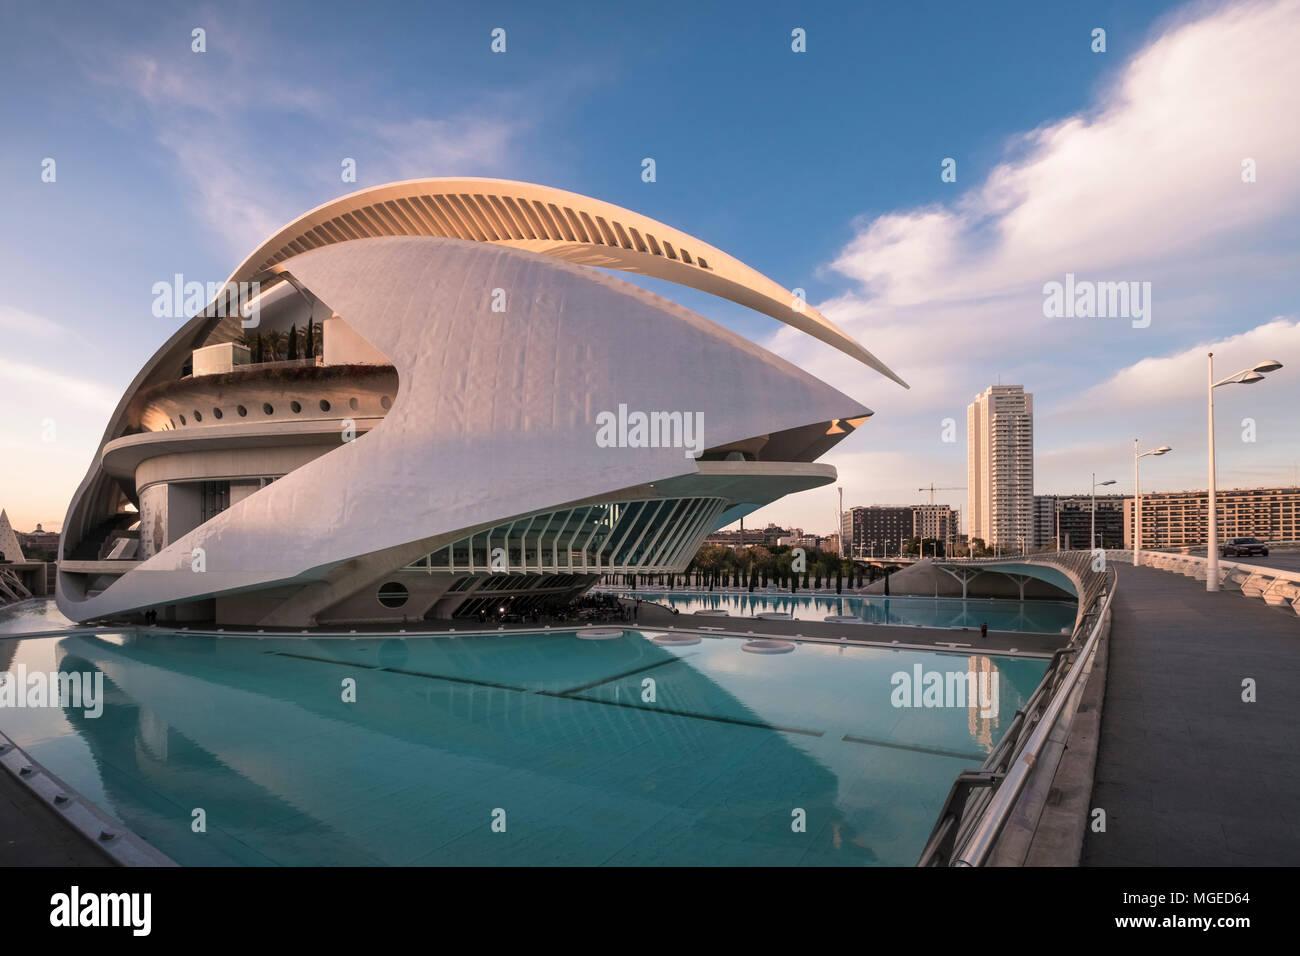 La arquitectura moderna del Palau de les Arts Reina Sofía, parte de la Ciudad de las Artes y las Ciencias, en el sur de Valencia, España. Foto de stock